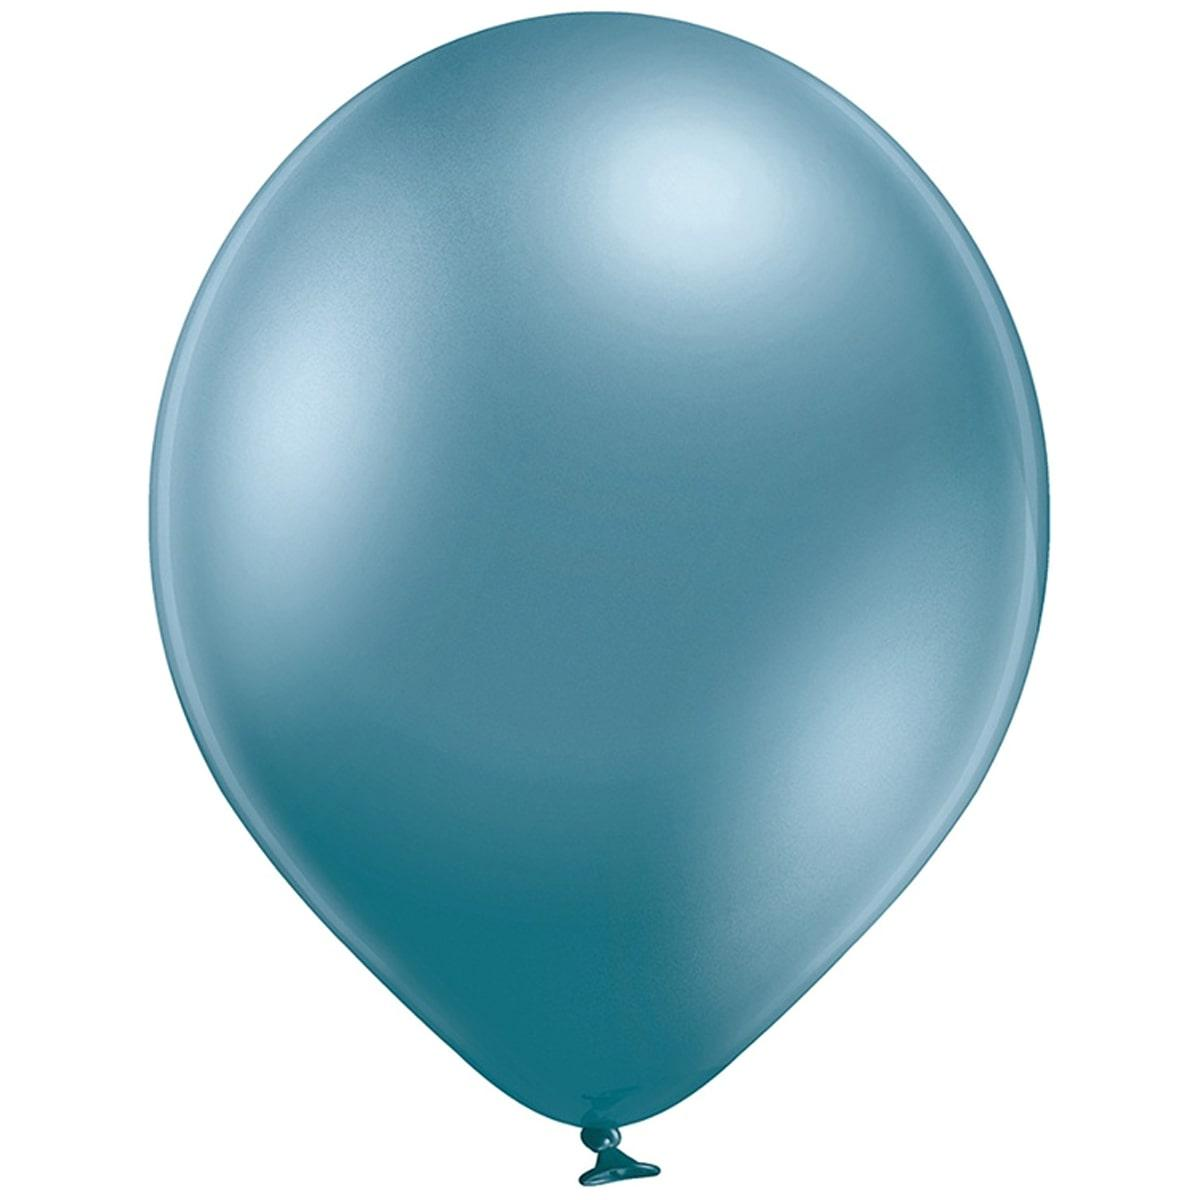 BelBal B105/605 Хром синий  glossy blue (25 шт)